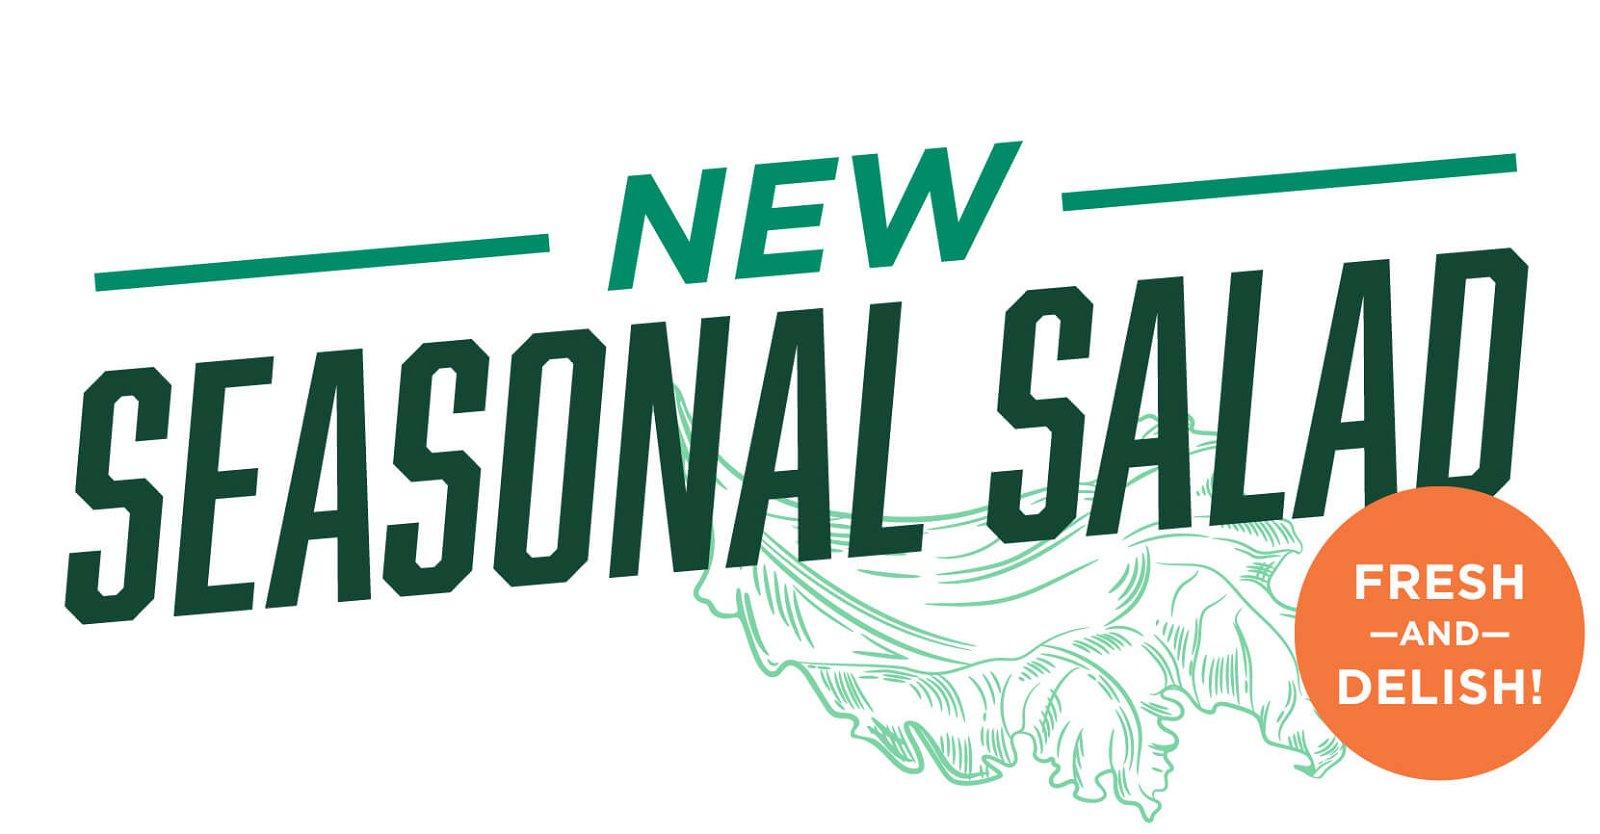 New! Seasonal Salad